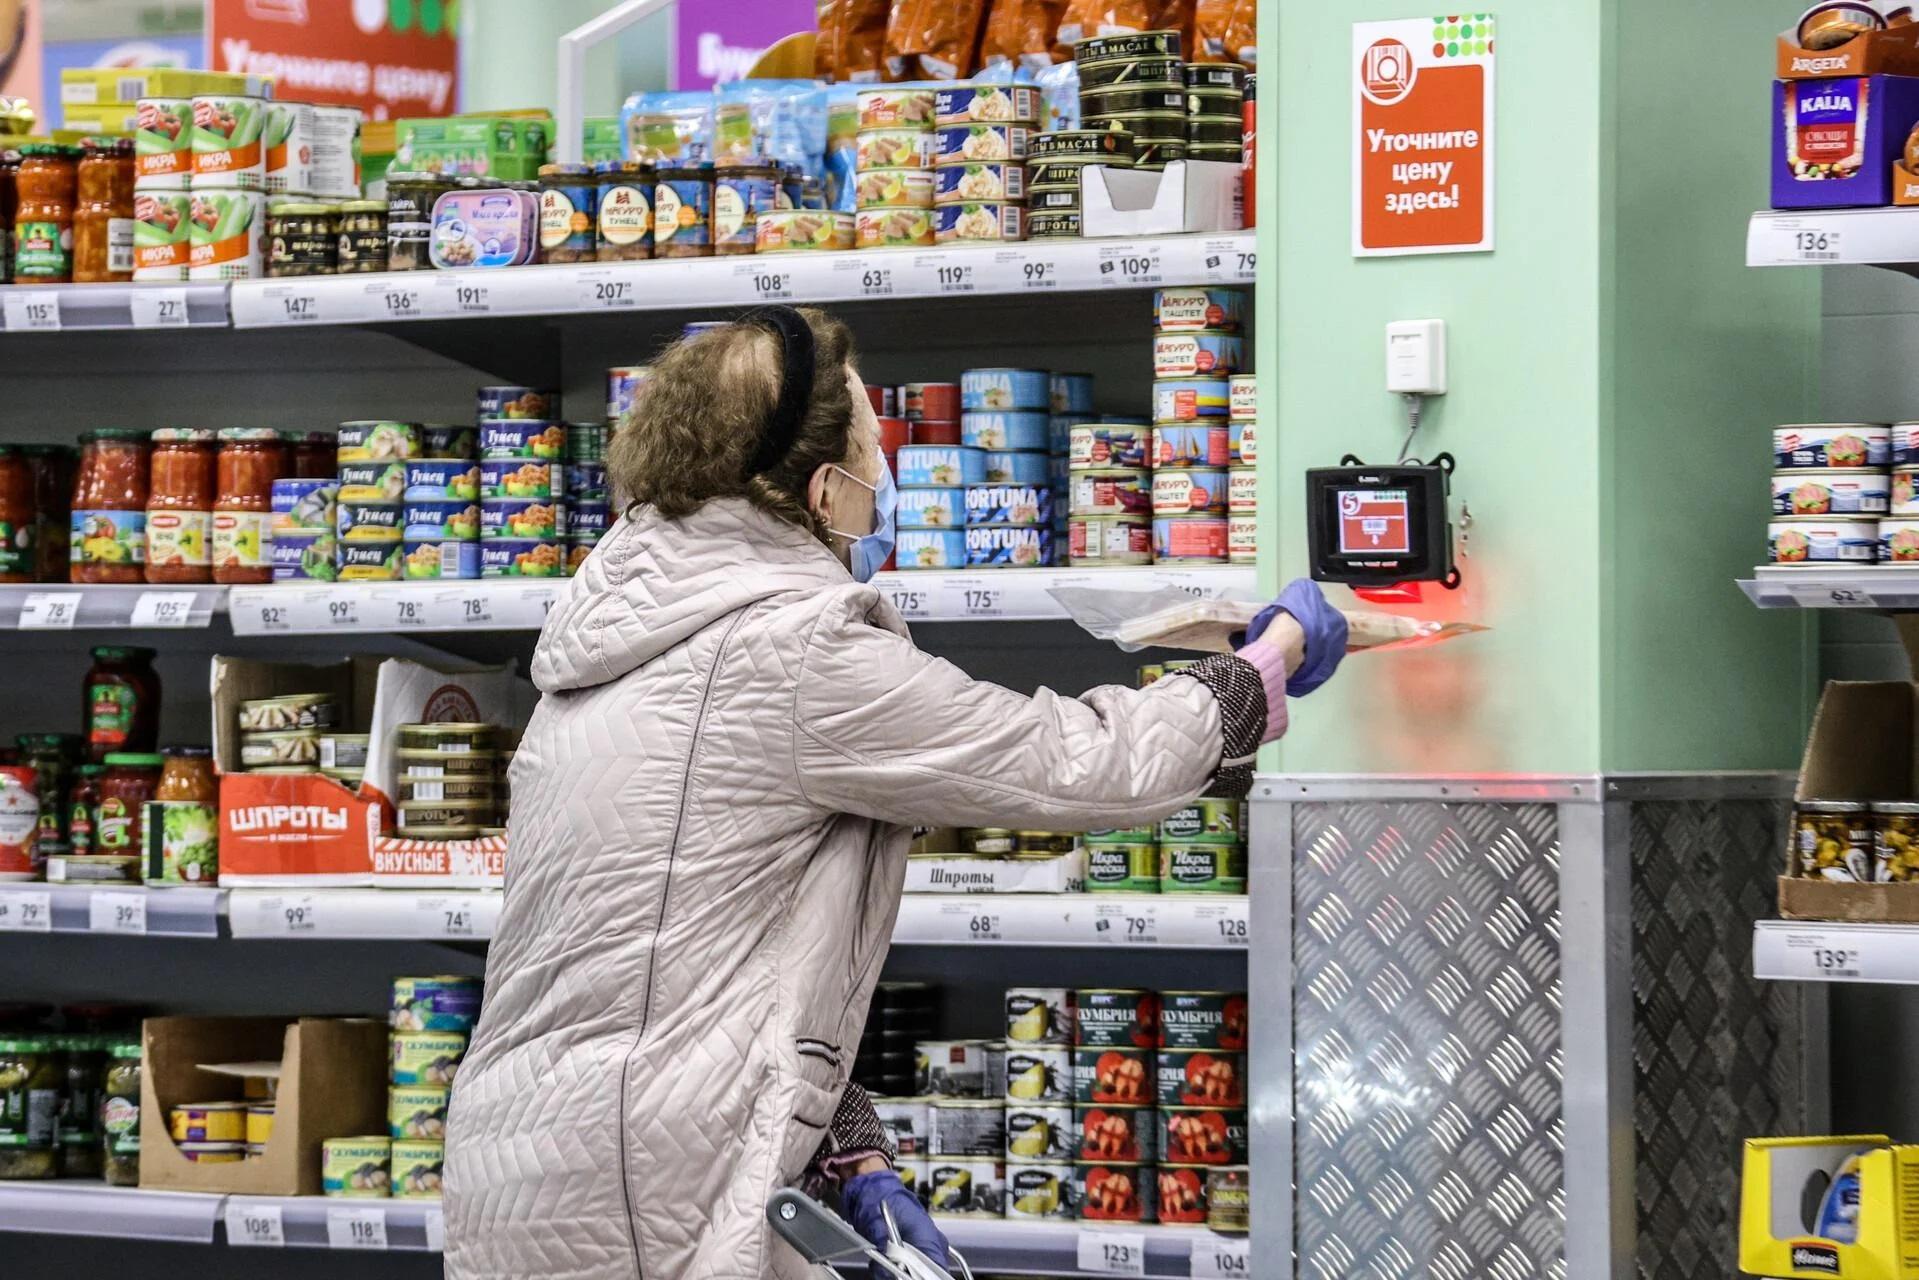 Фото магазин. Фото использовано в качестве иллюстрации, news.ru